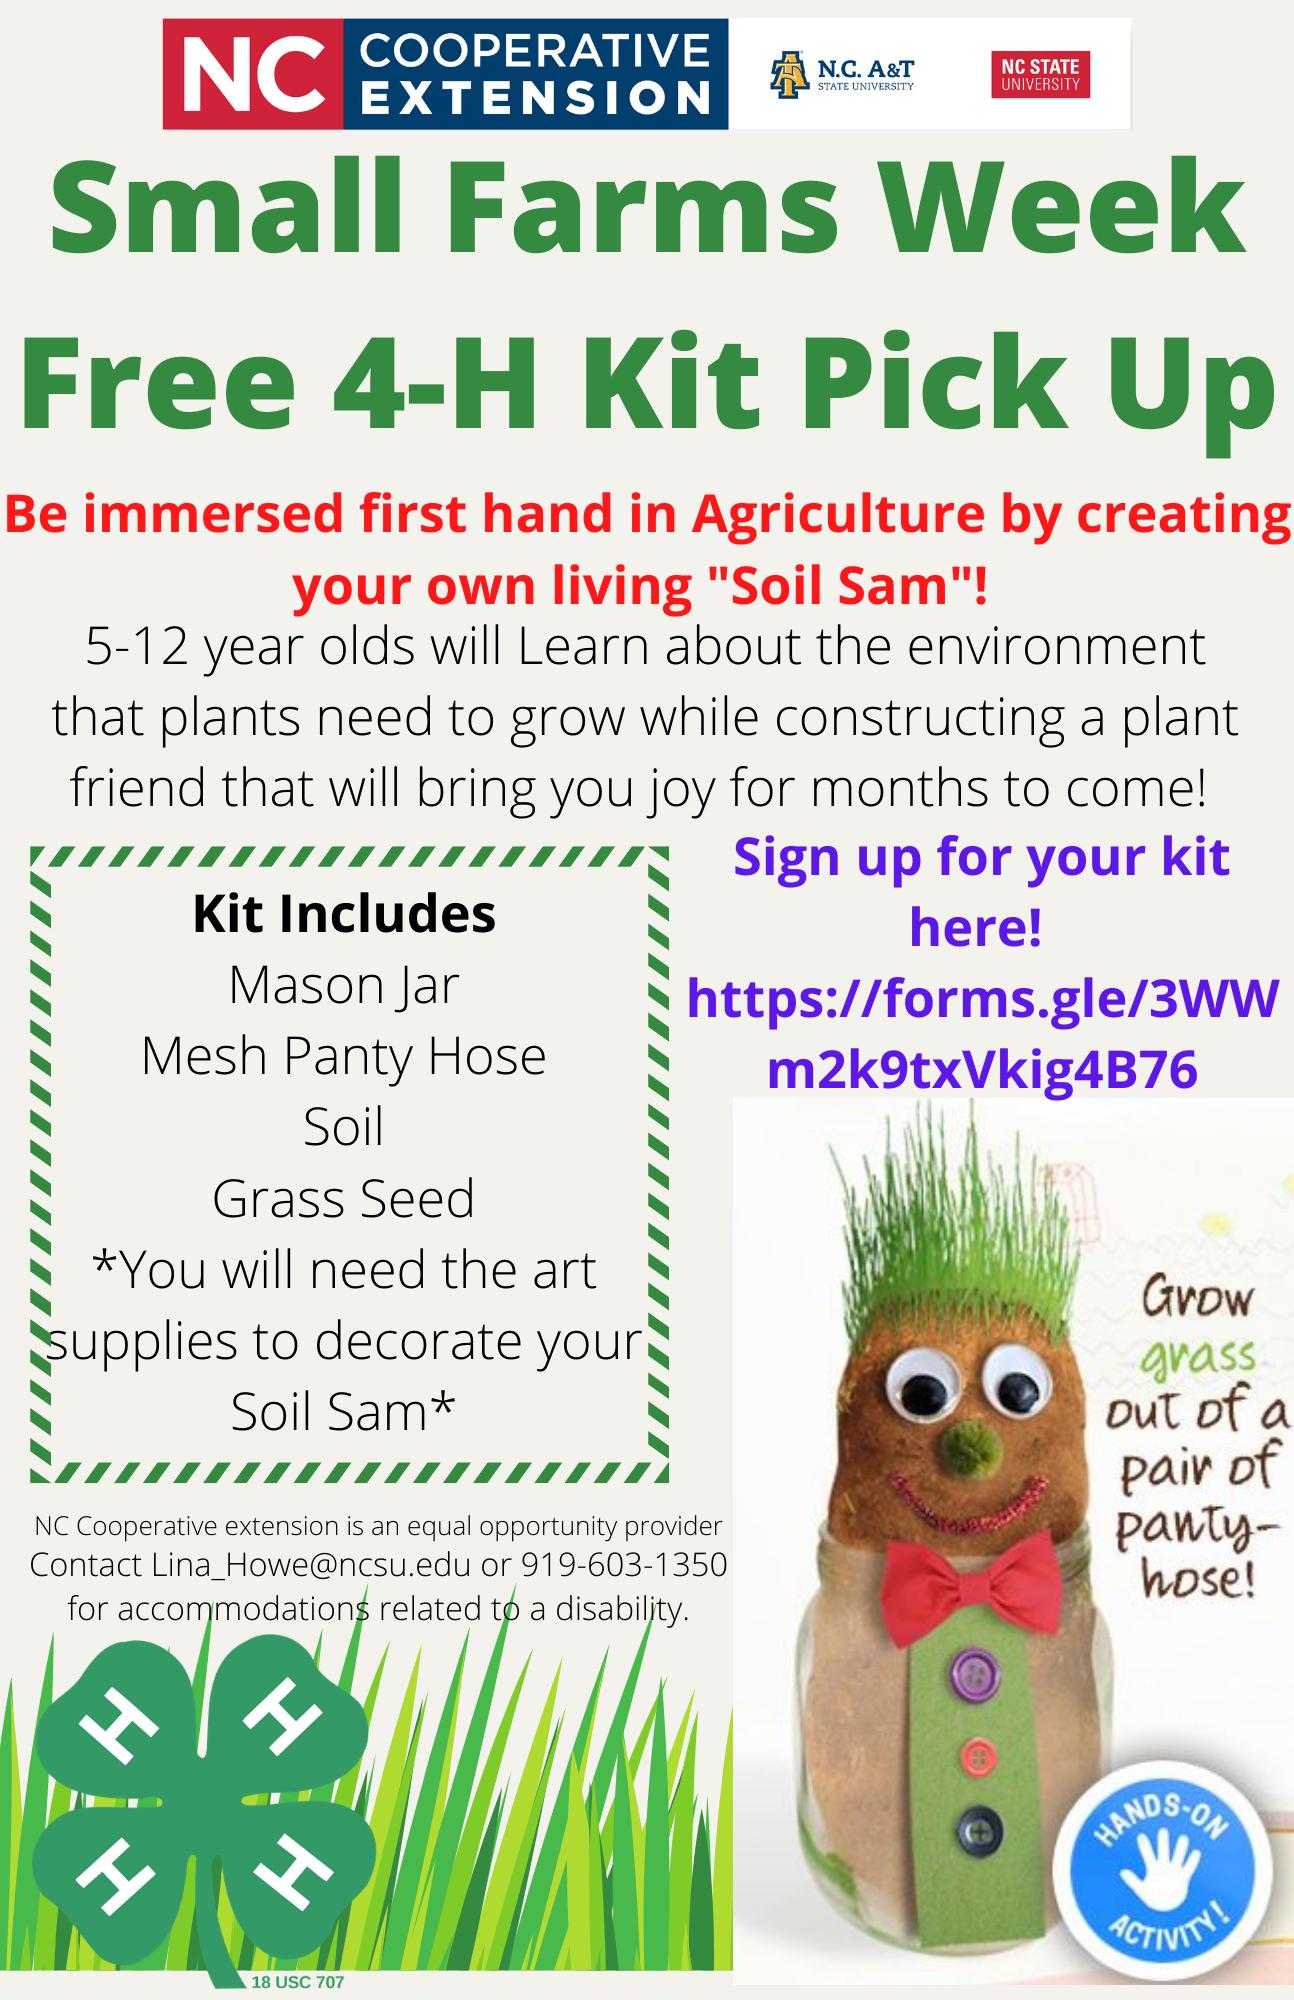 Soil Sam